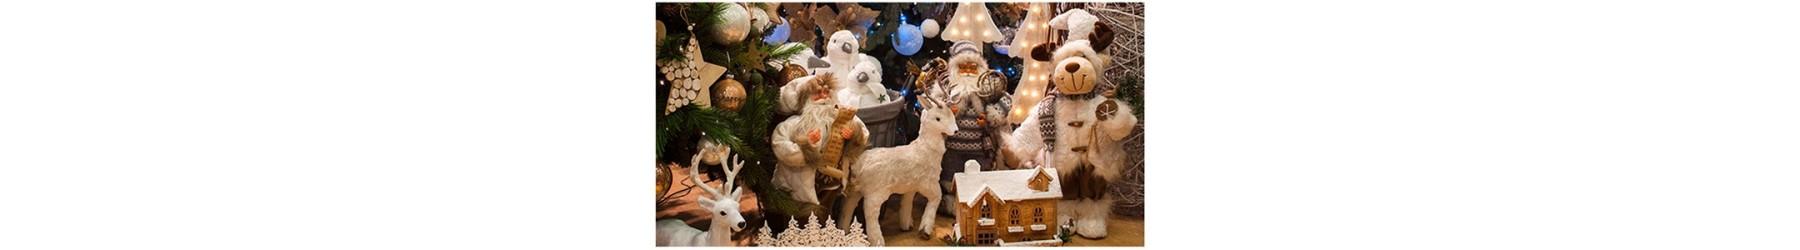 Χριστουγεννιάτικα λούτρινα σε διάφορα σχέδια και θέματα